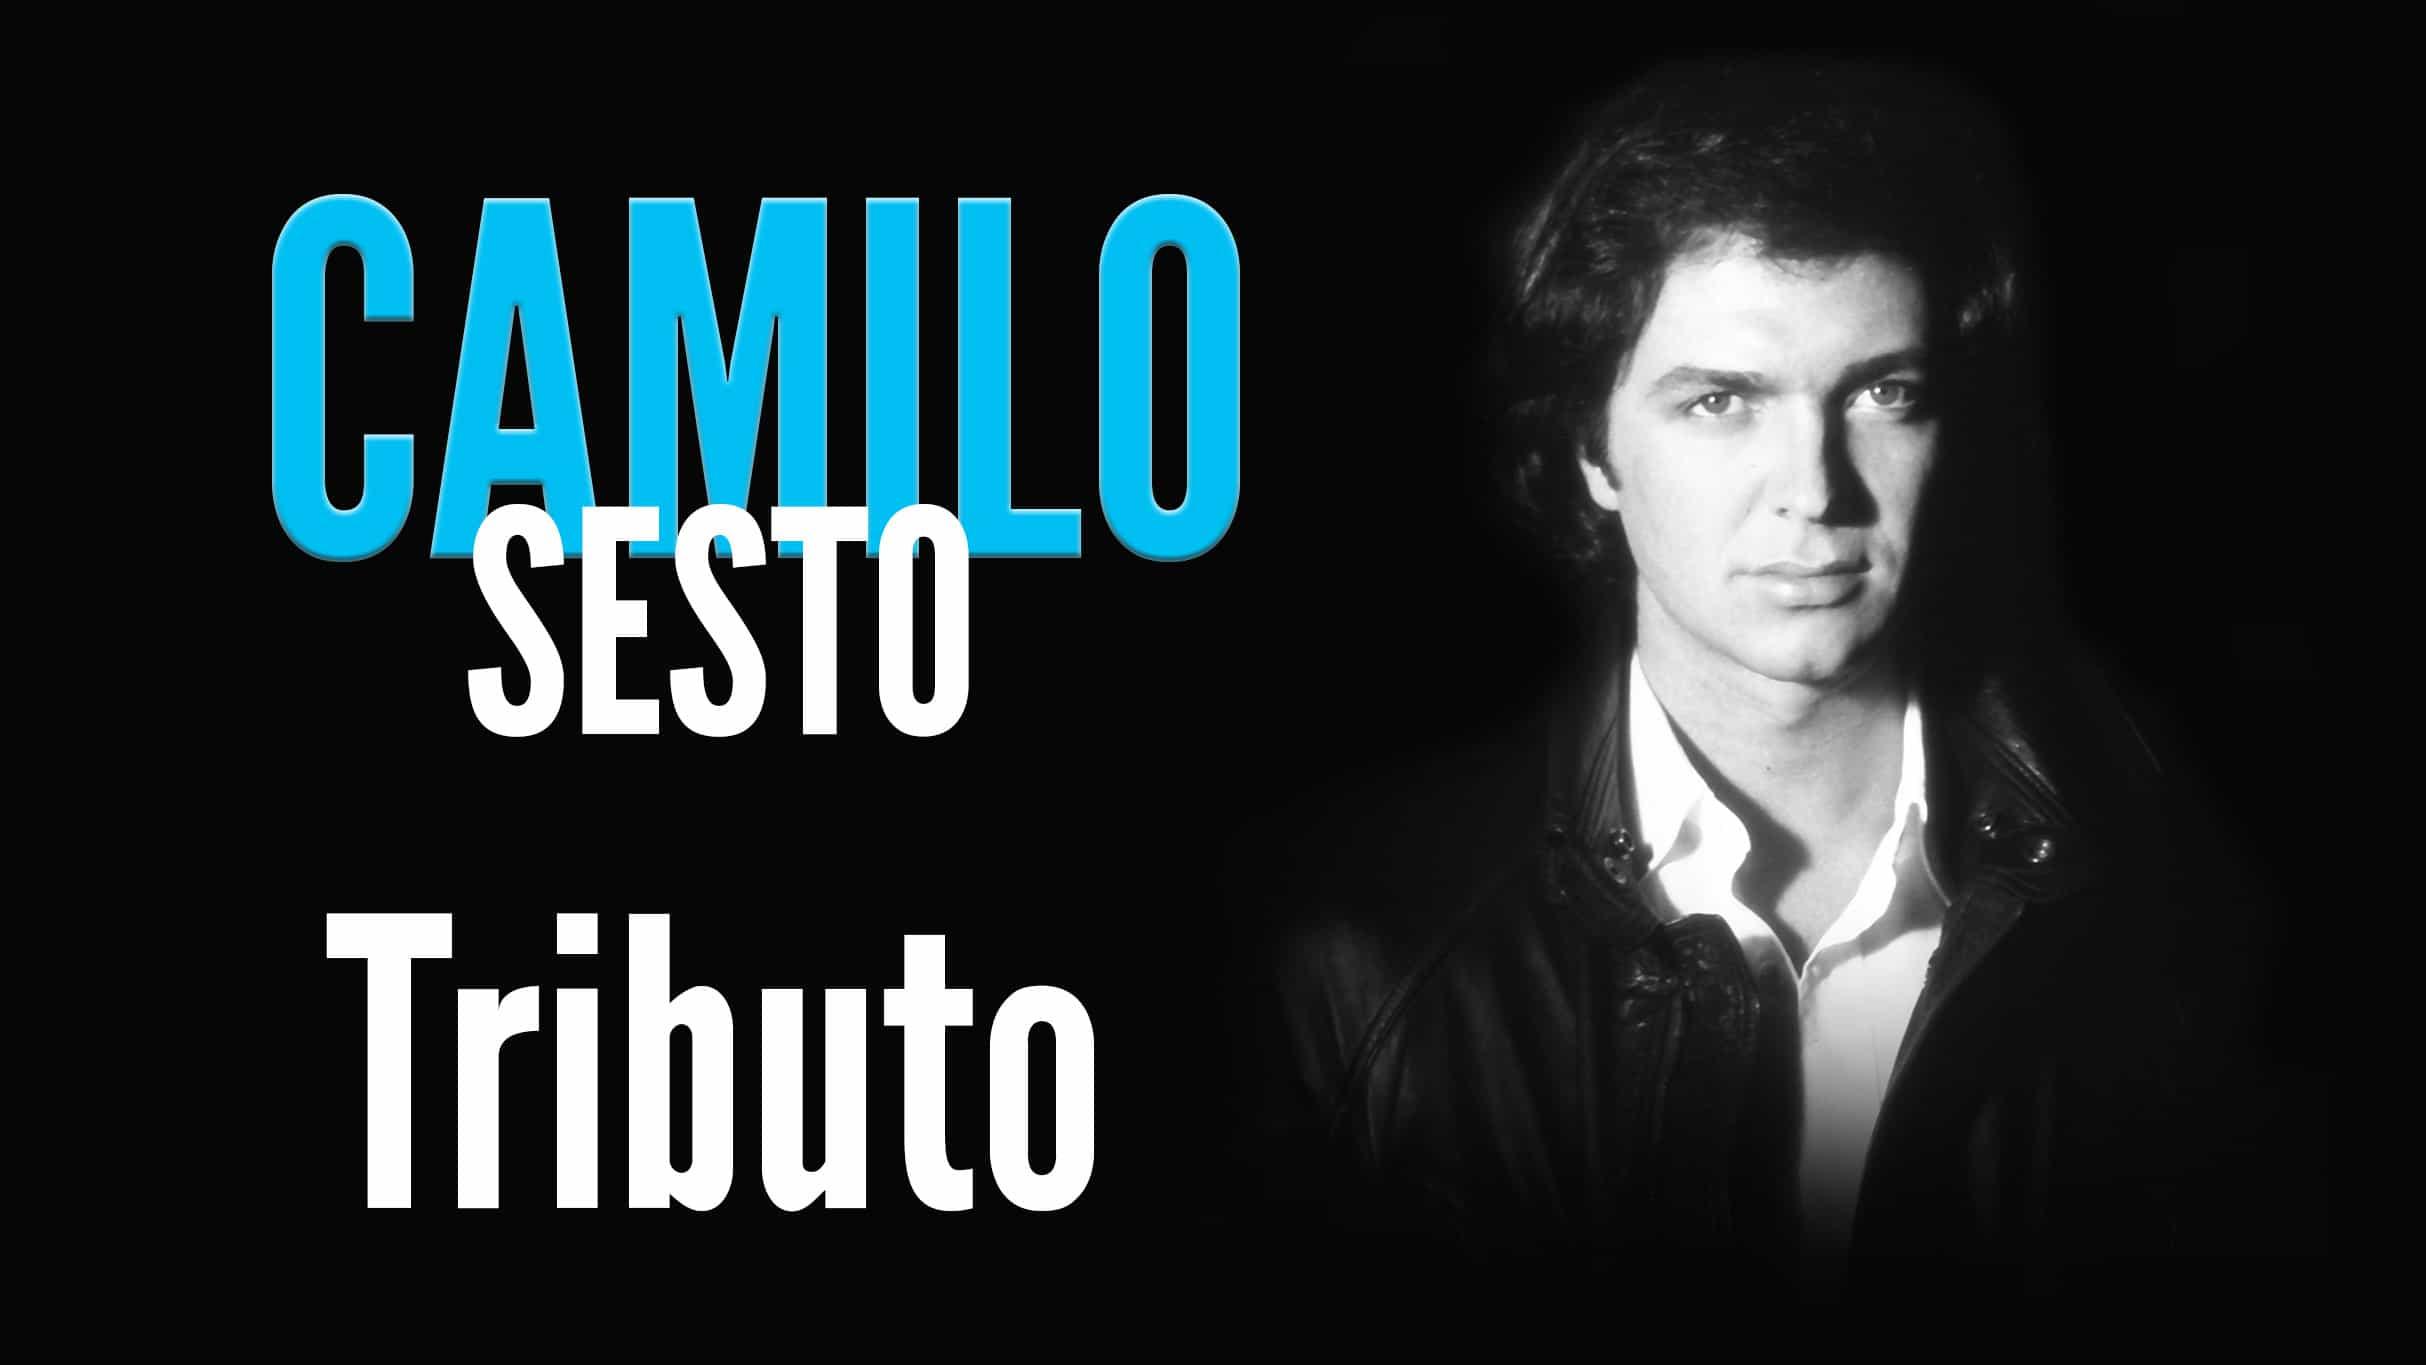 Camilo Tributo Ticketmaster - Tributo Camilo Sesto